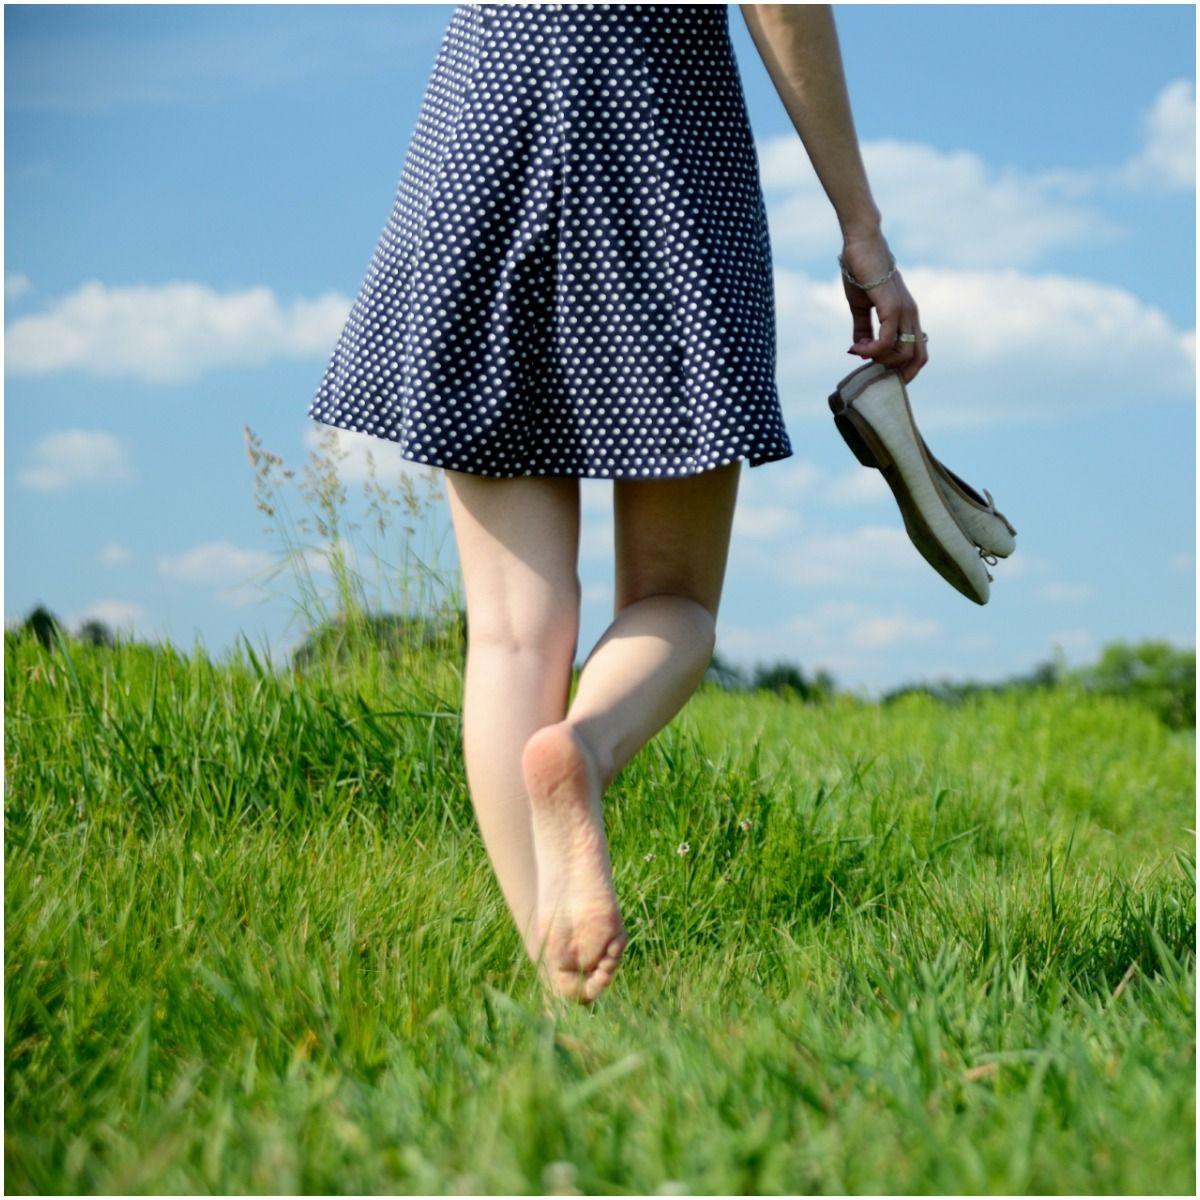 grounding walking